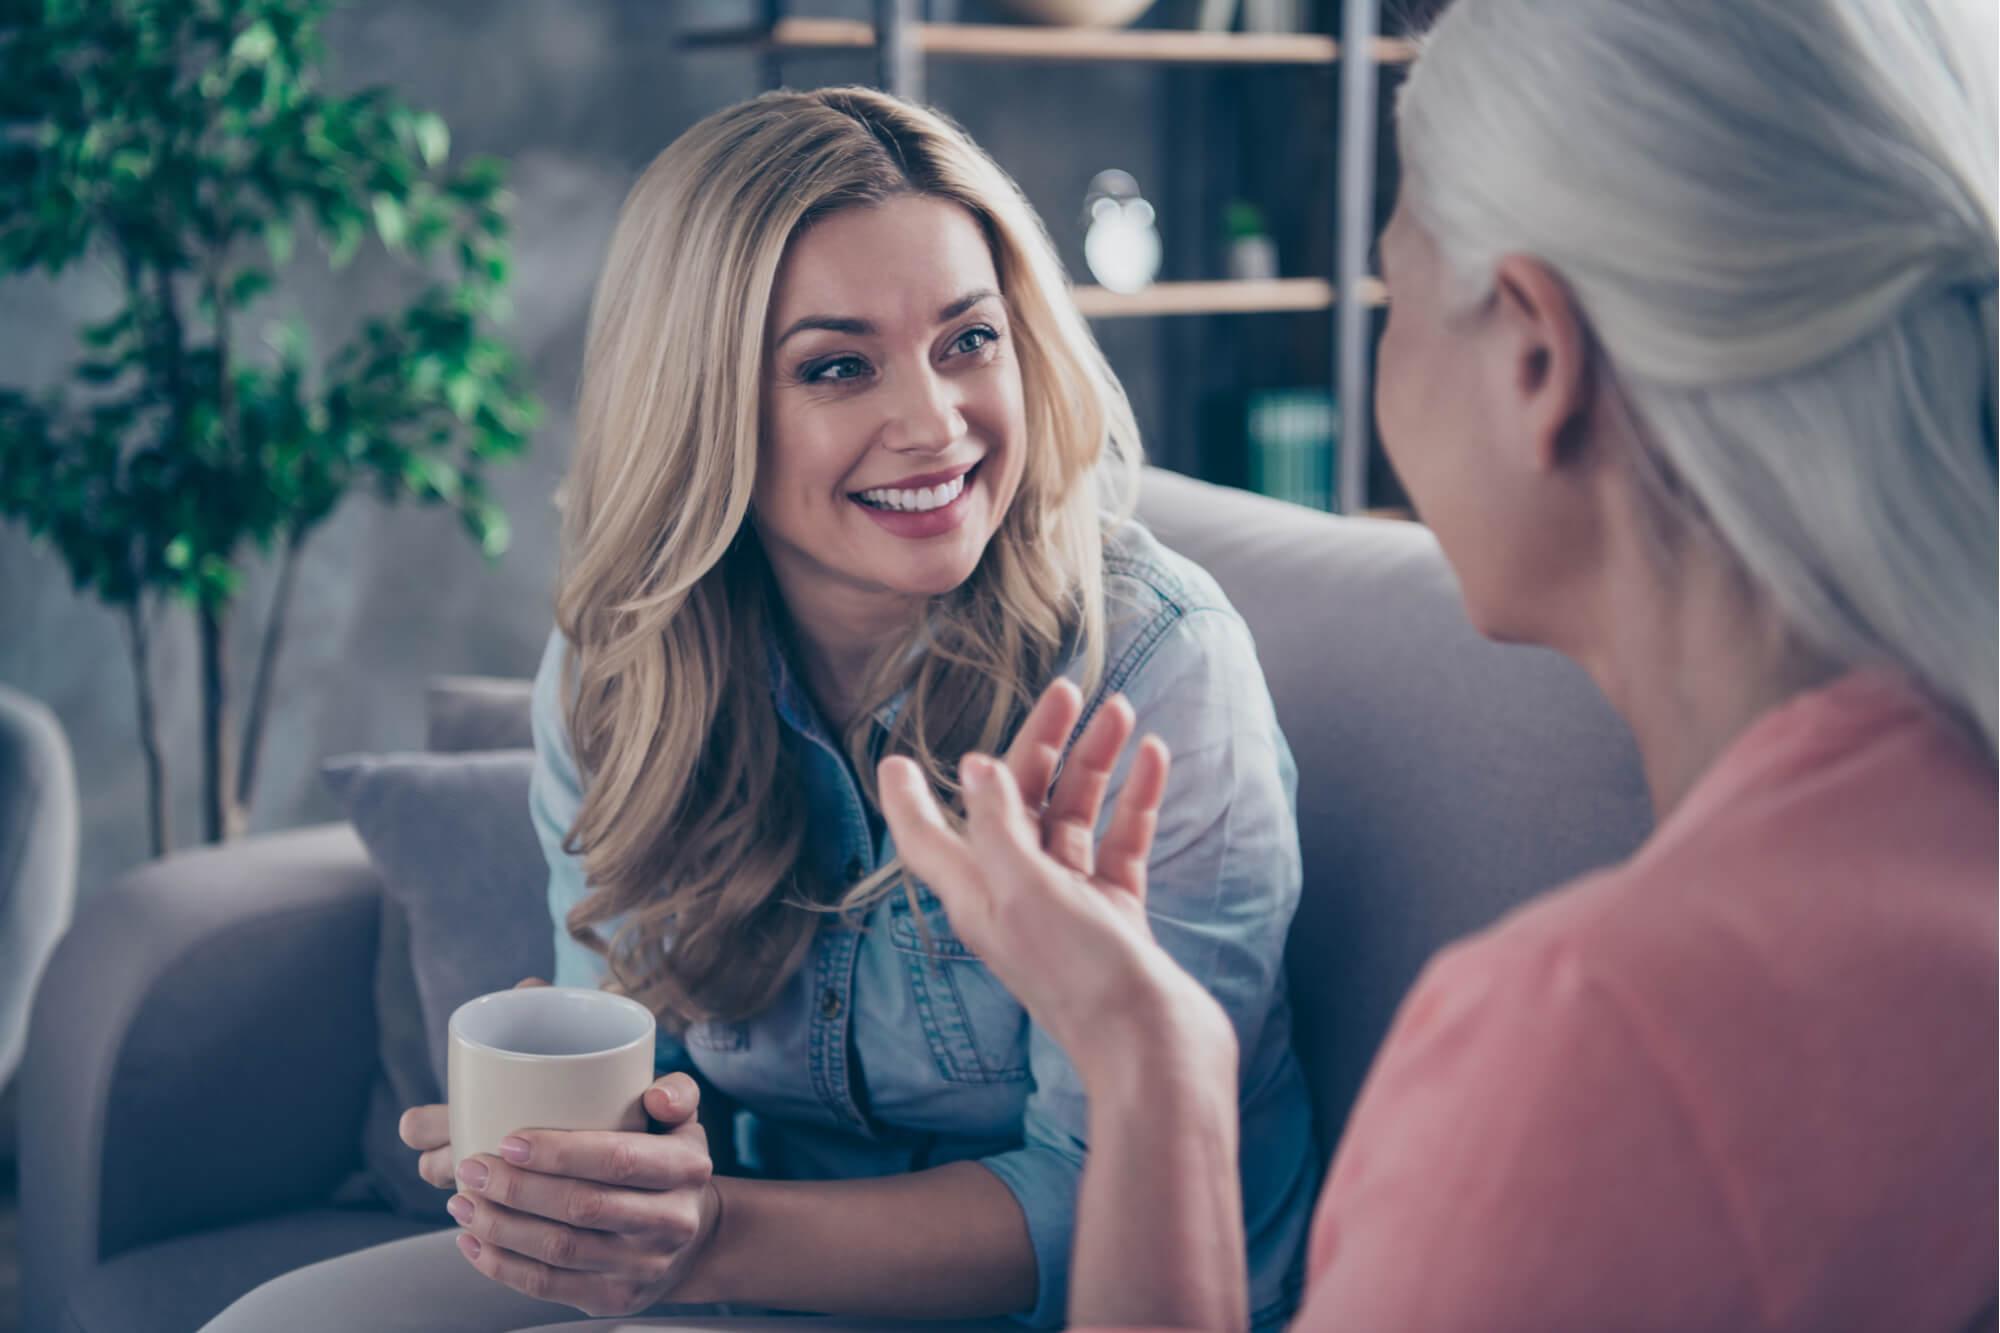 円滑なコミュニケーションで会話を楽しむ女性